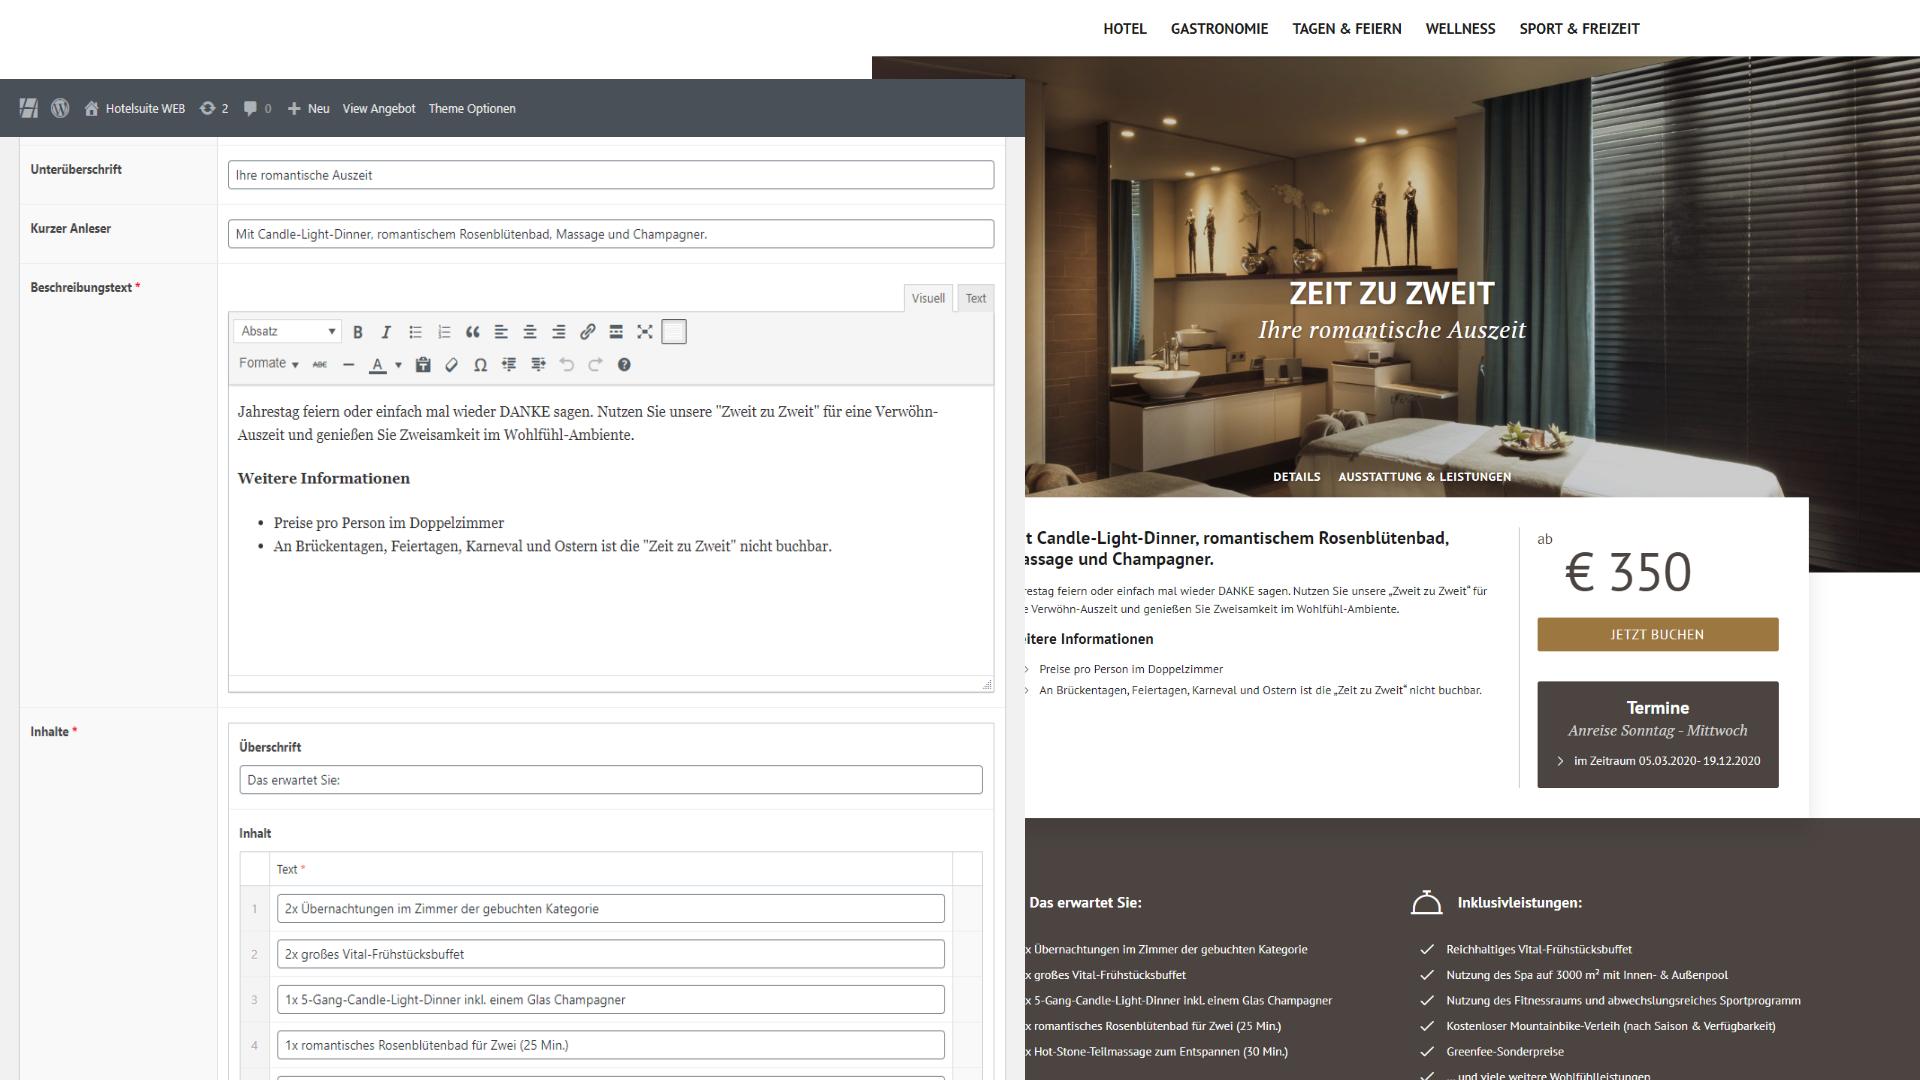 hs WEB - Hotelspezifisches Backend mit vielen komfortablen Funktionen